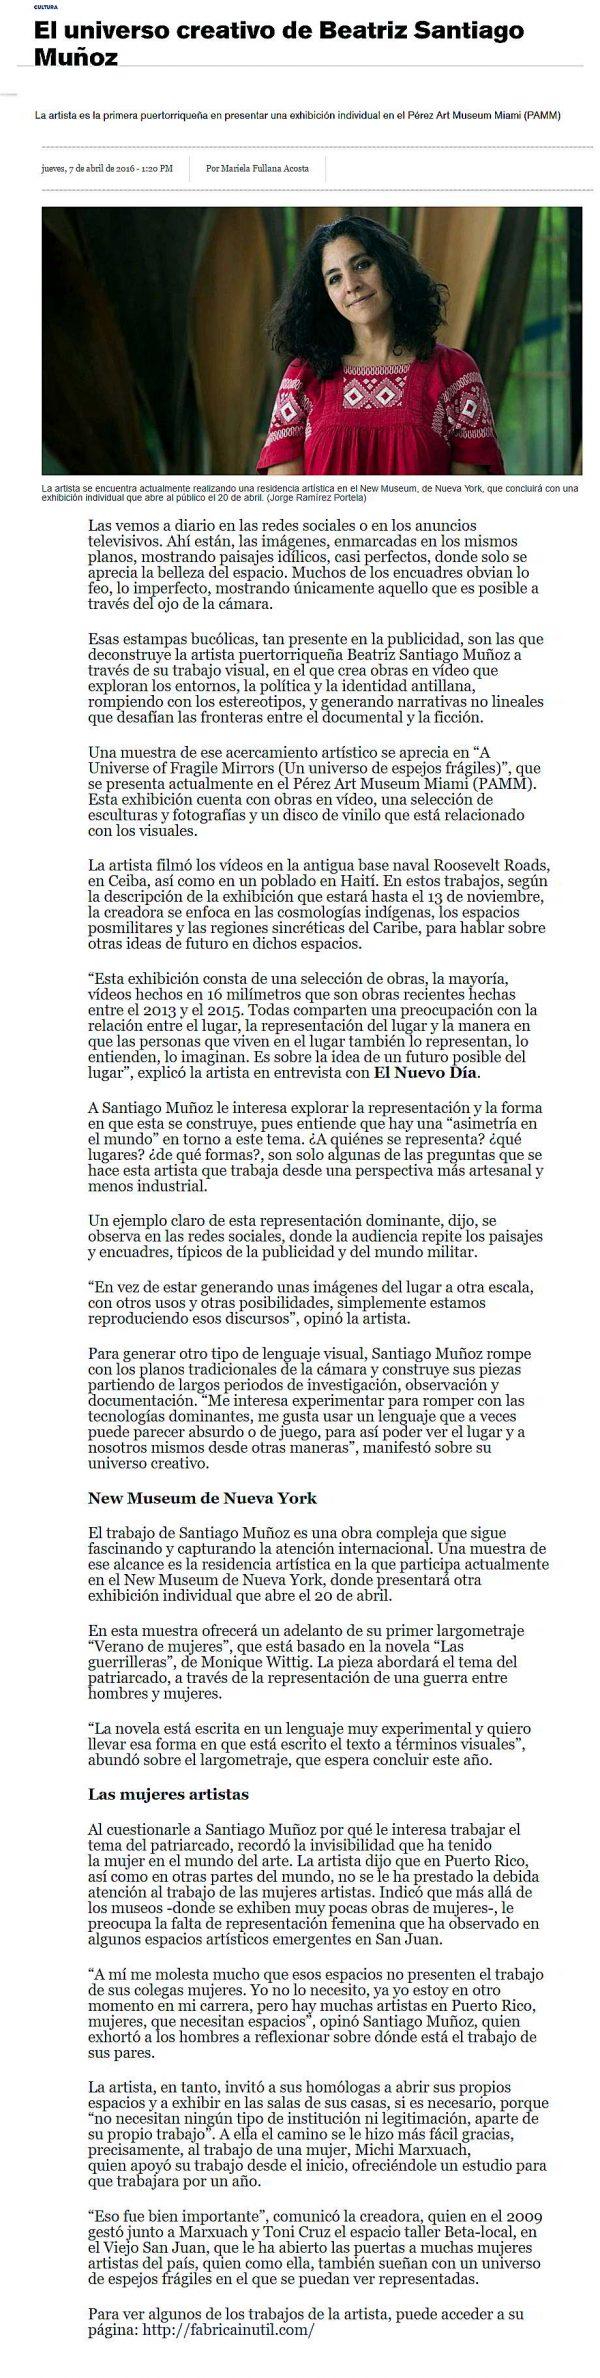 Beatriz Santiago Muñoz-autogiro arte actual